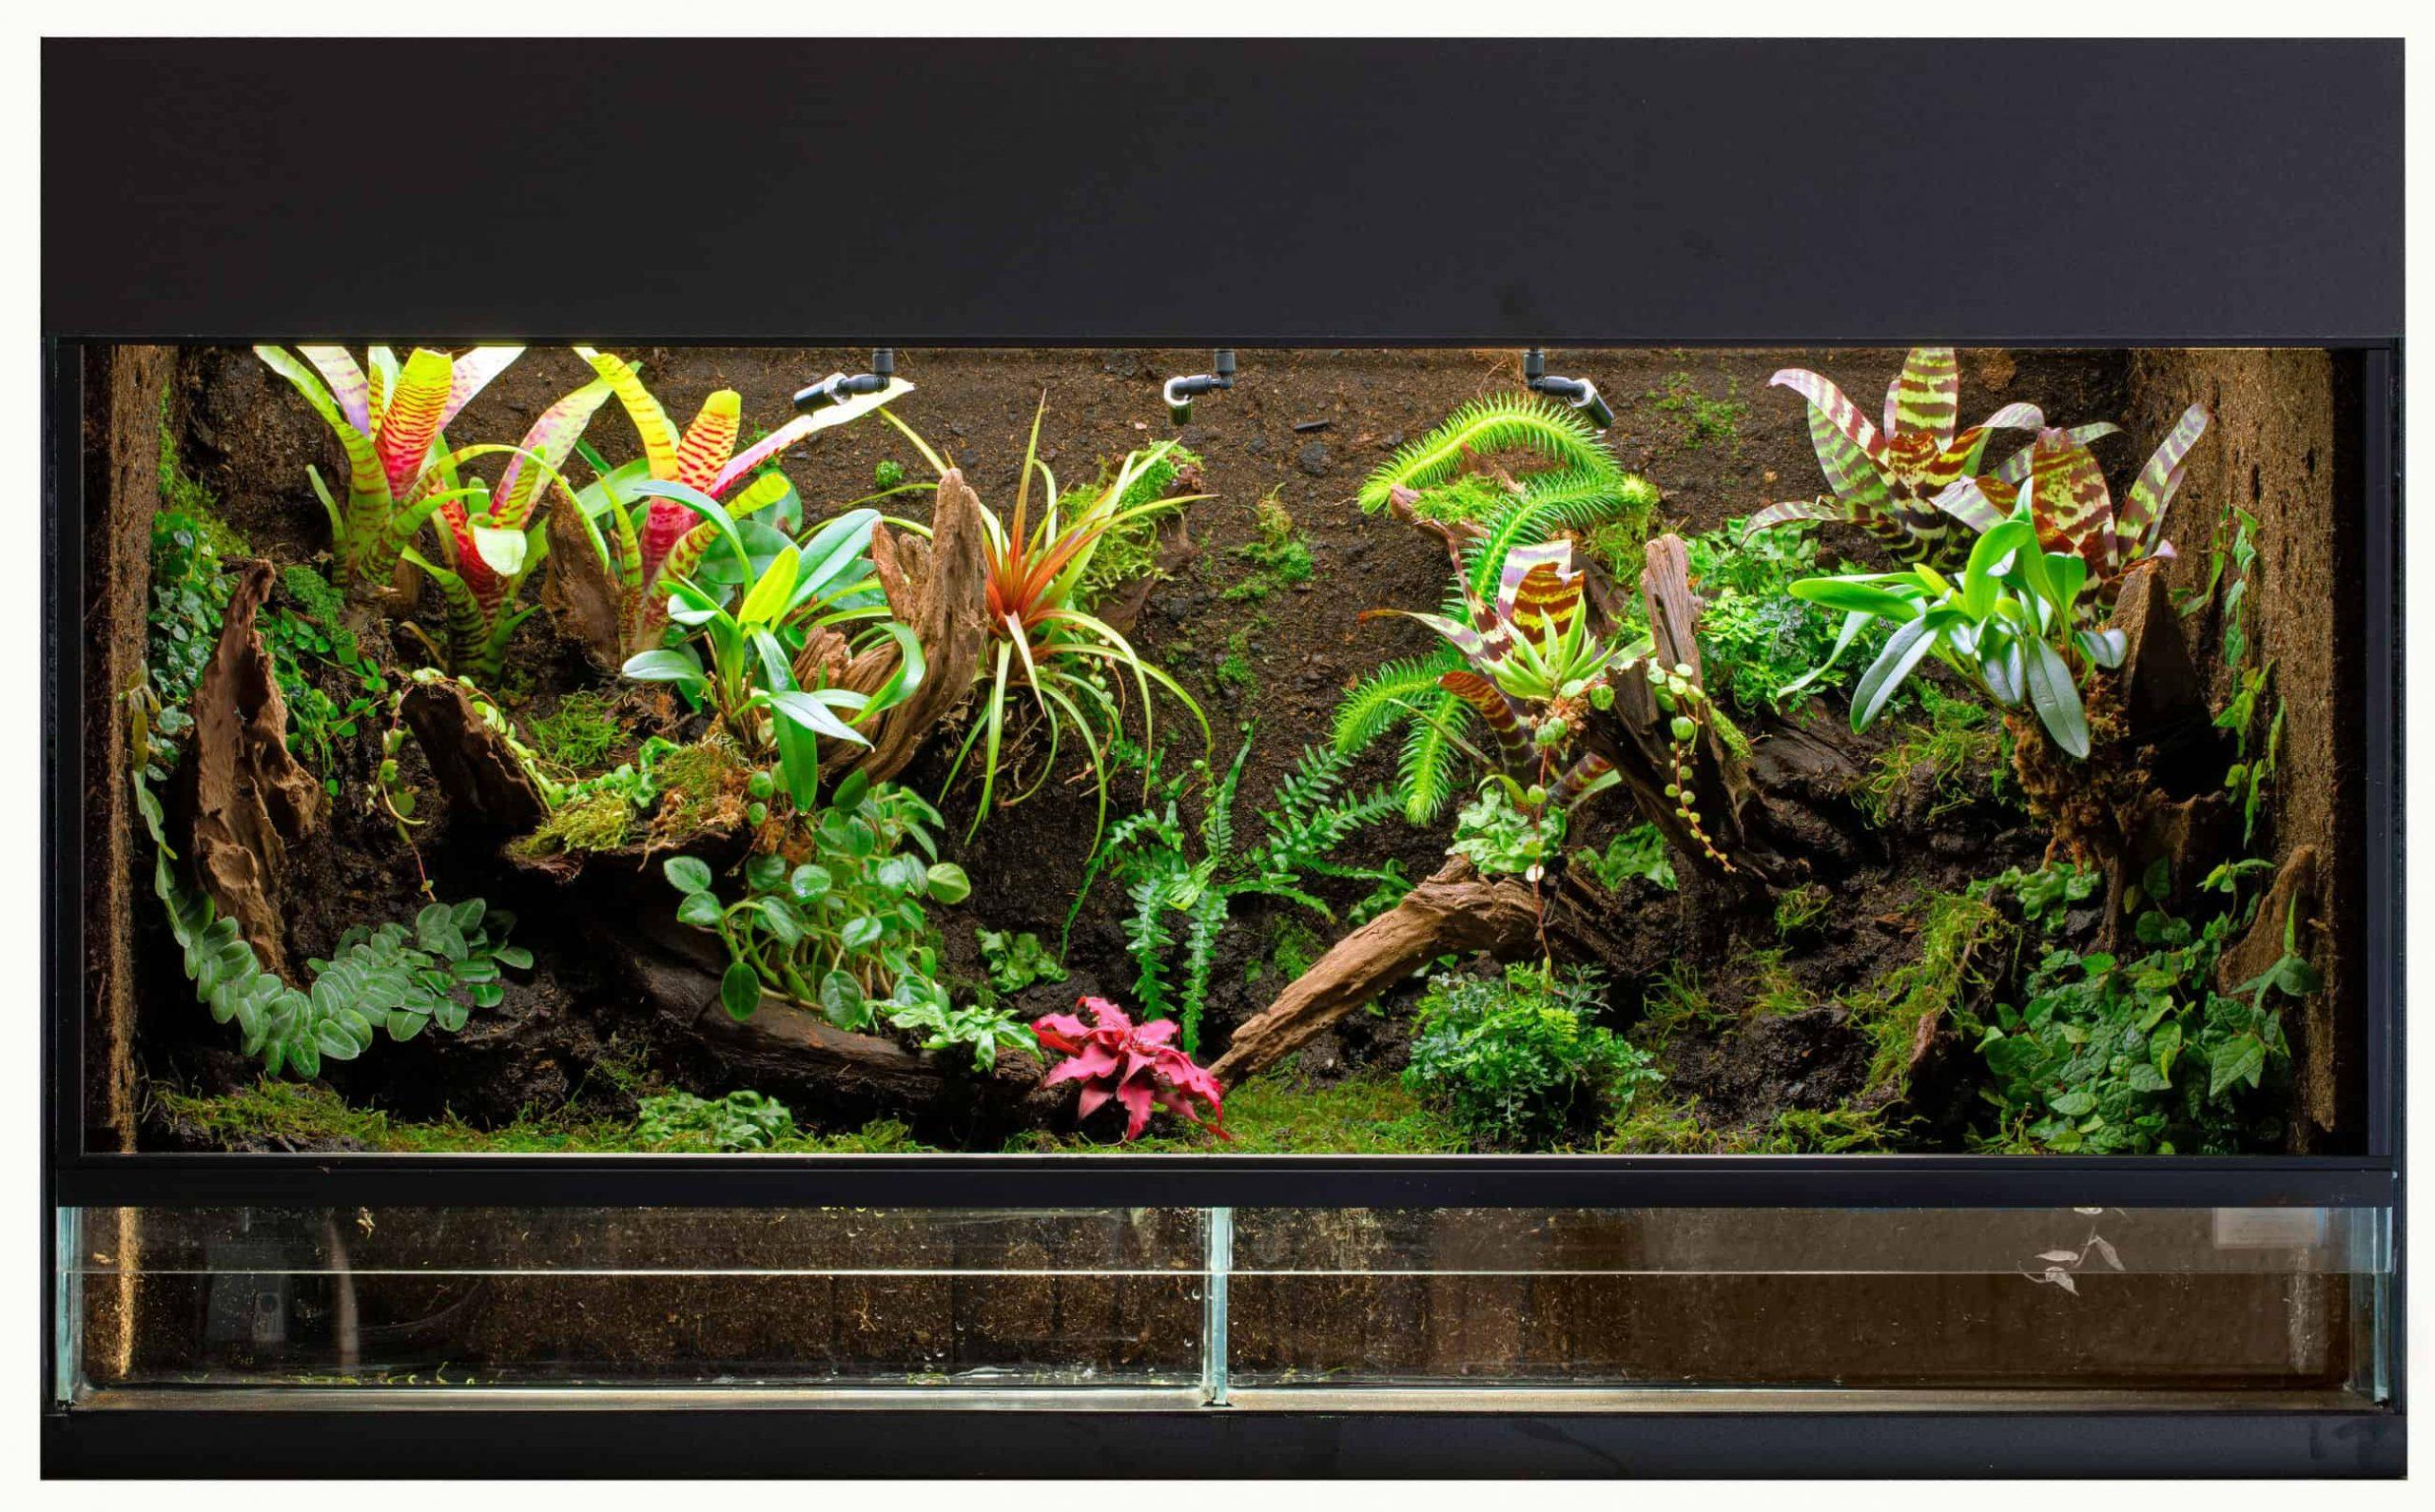 Insekten Terrarium: Test & Empfehlungen (01/21)